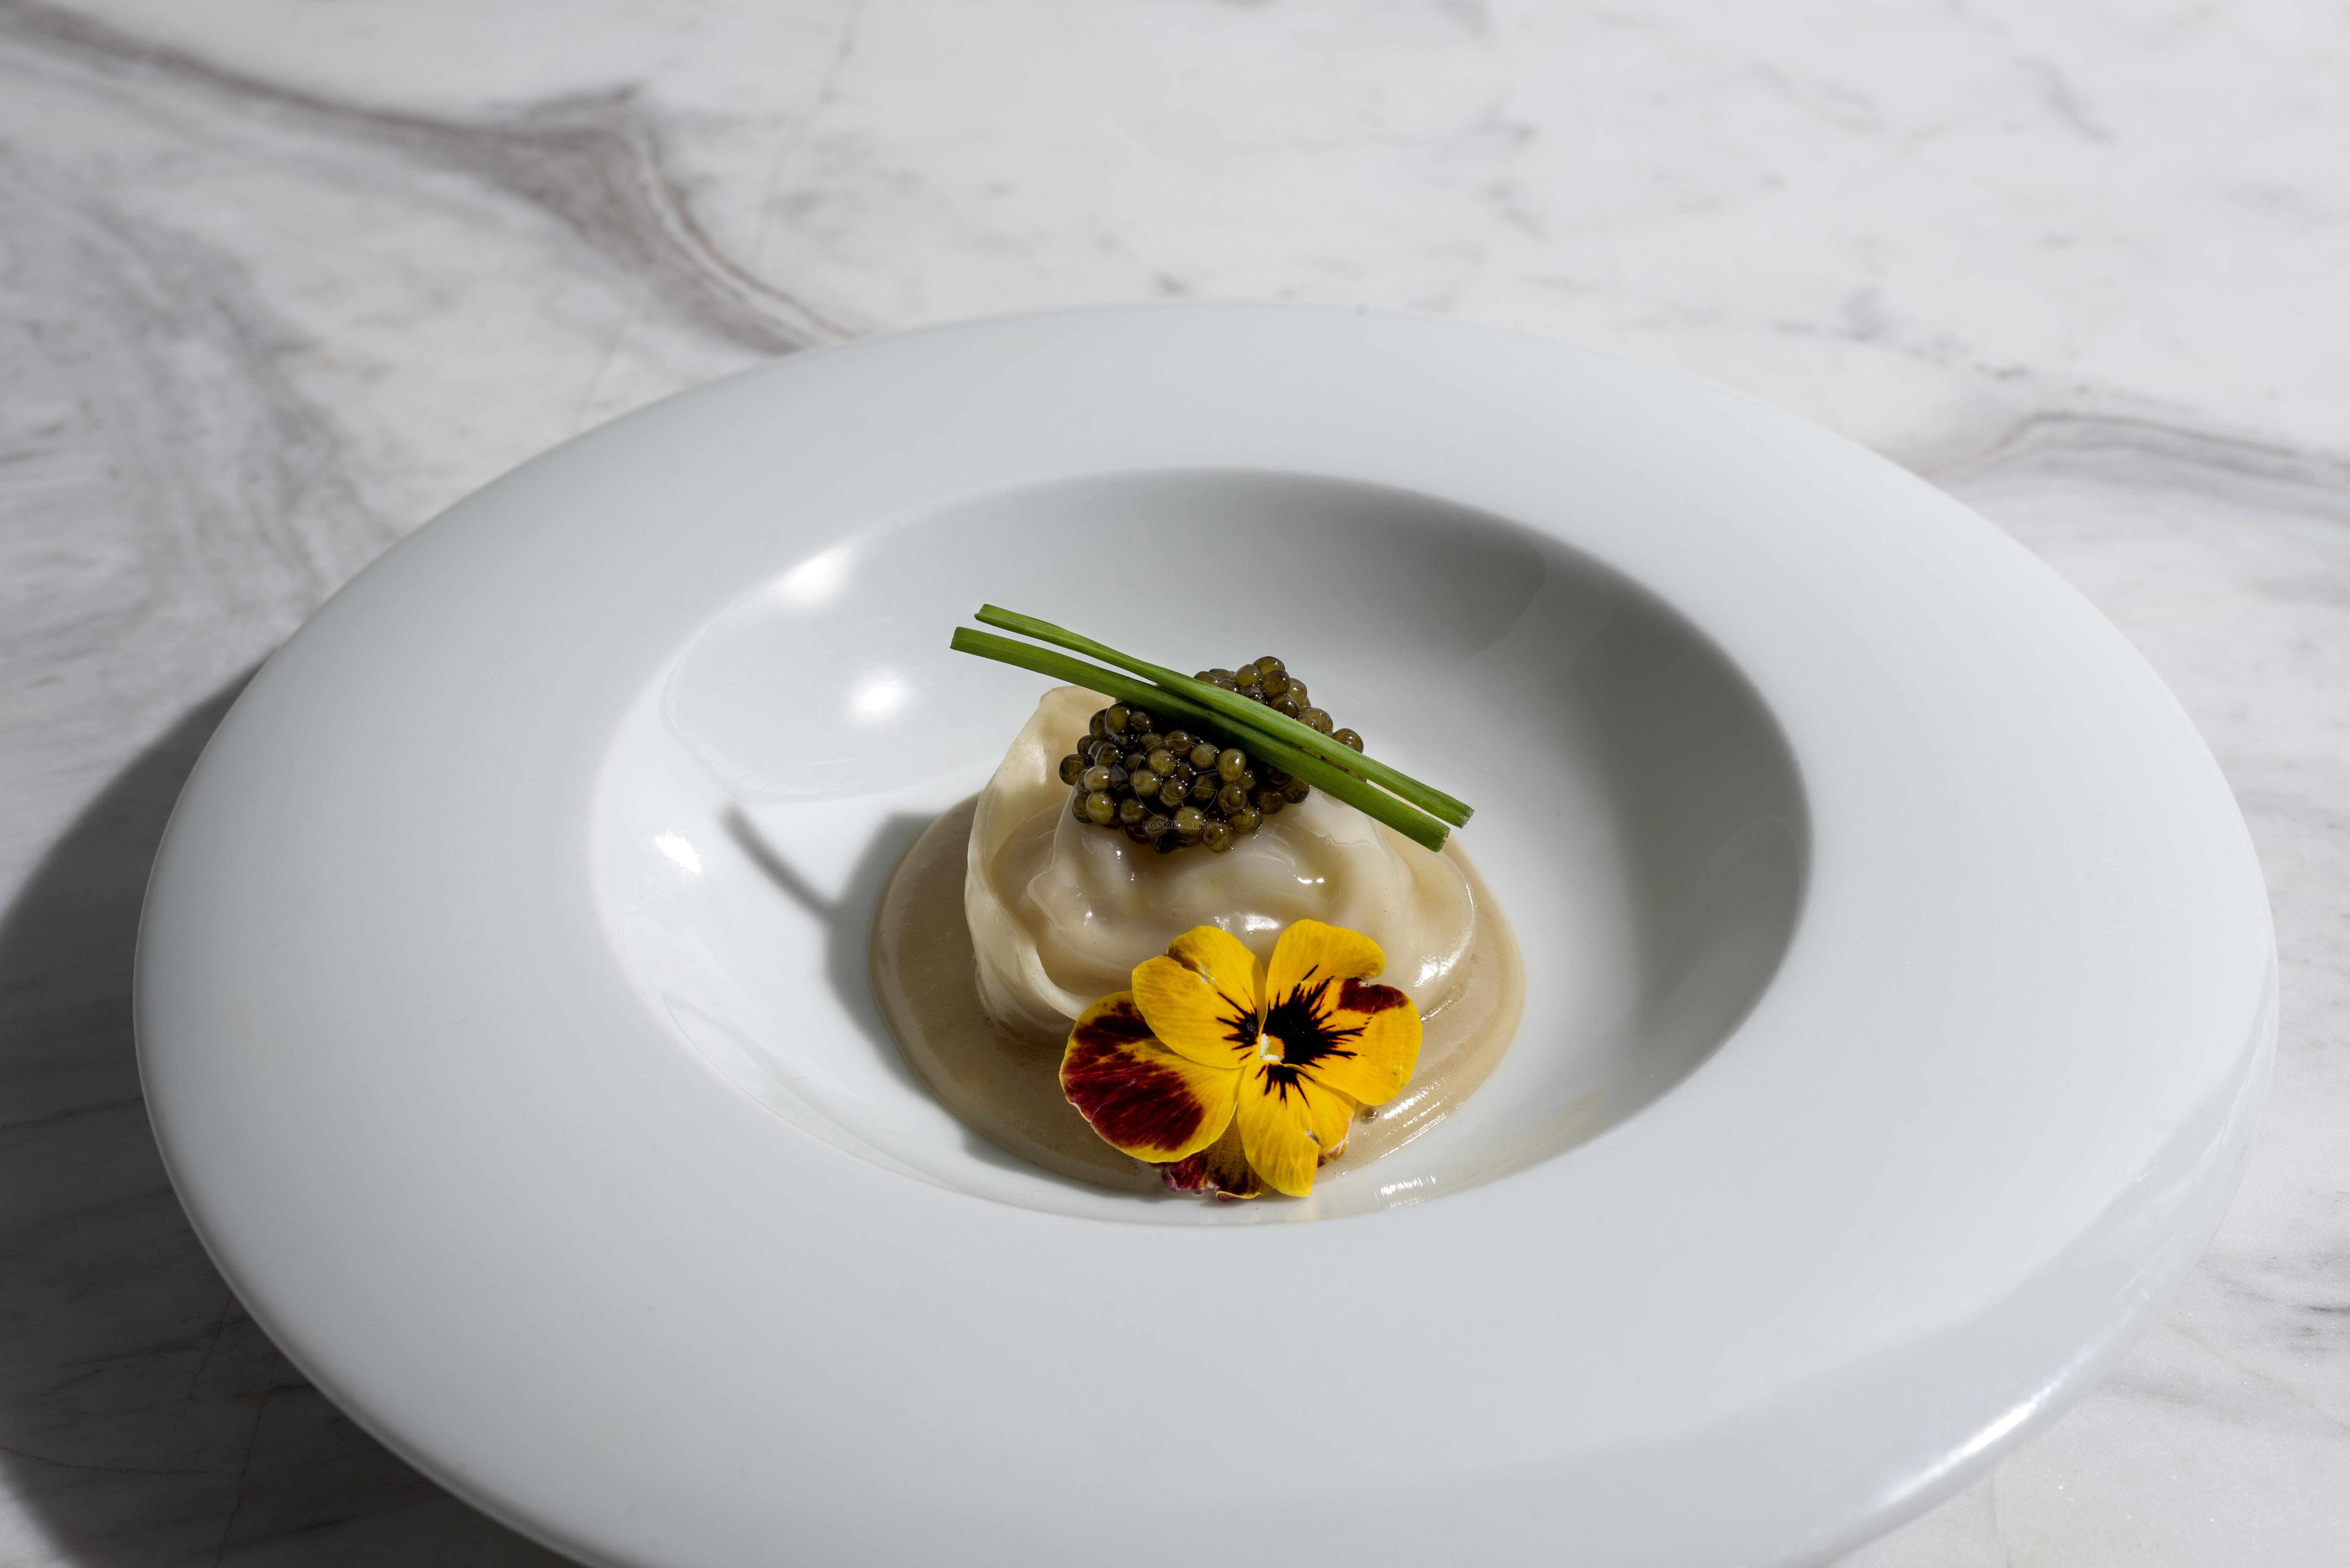 Langoustine Dumpling Nobu Style with Foie Gras Sauce.